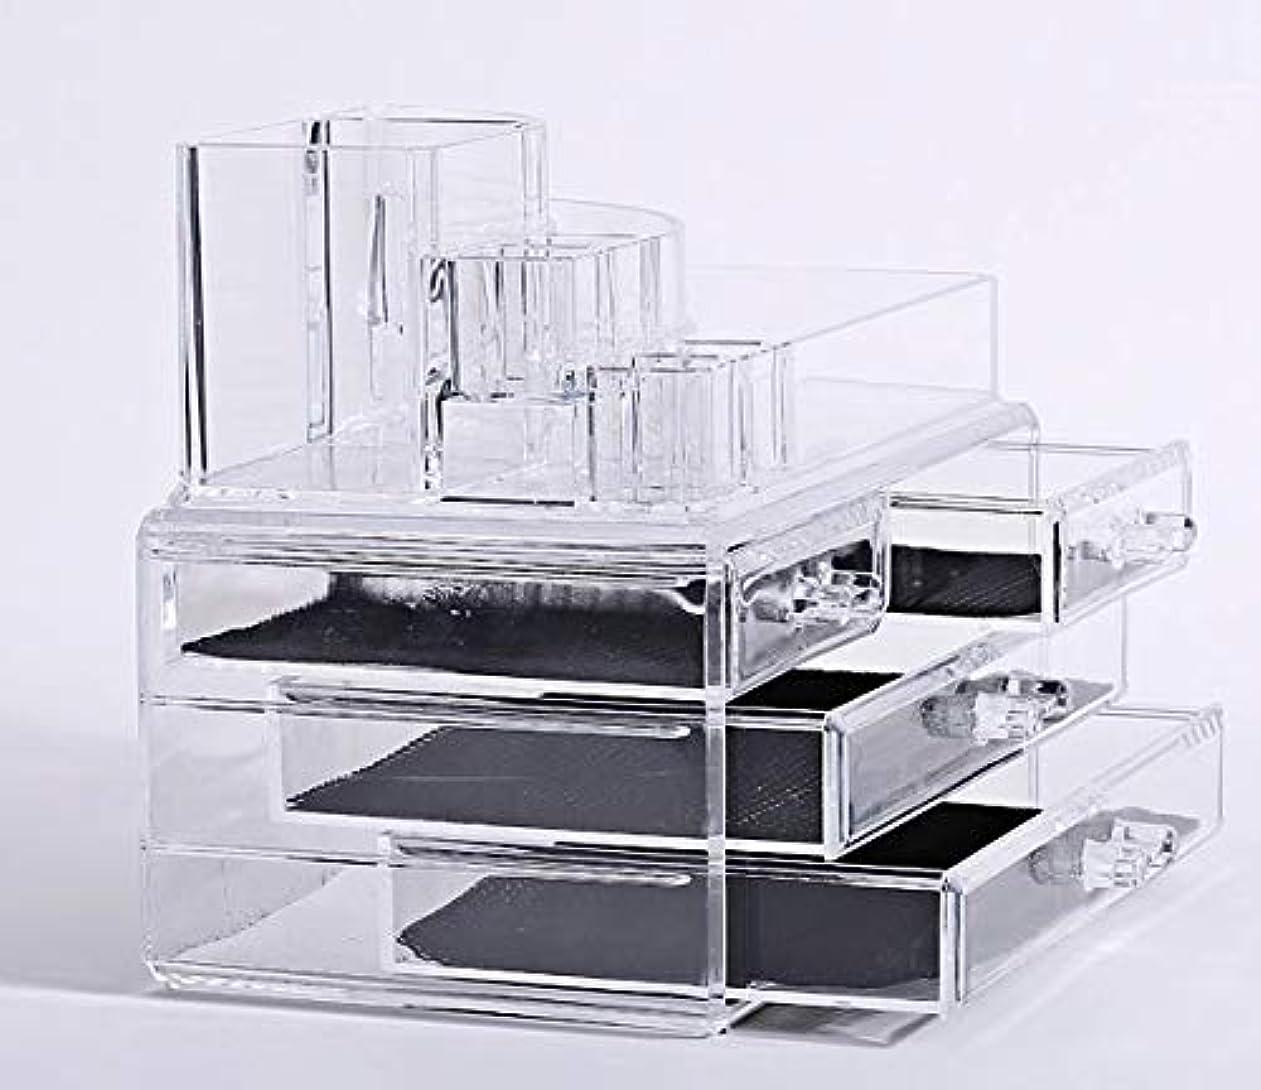 食欲平衡意識的化粧品収納ボックス メイクケース メイクボックス コスメボックス 騒音なし 防塵 高透明度 強い耐久性 整理簡単 引き出し小物